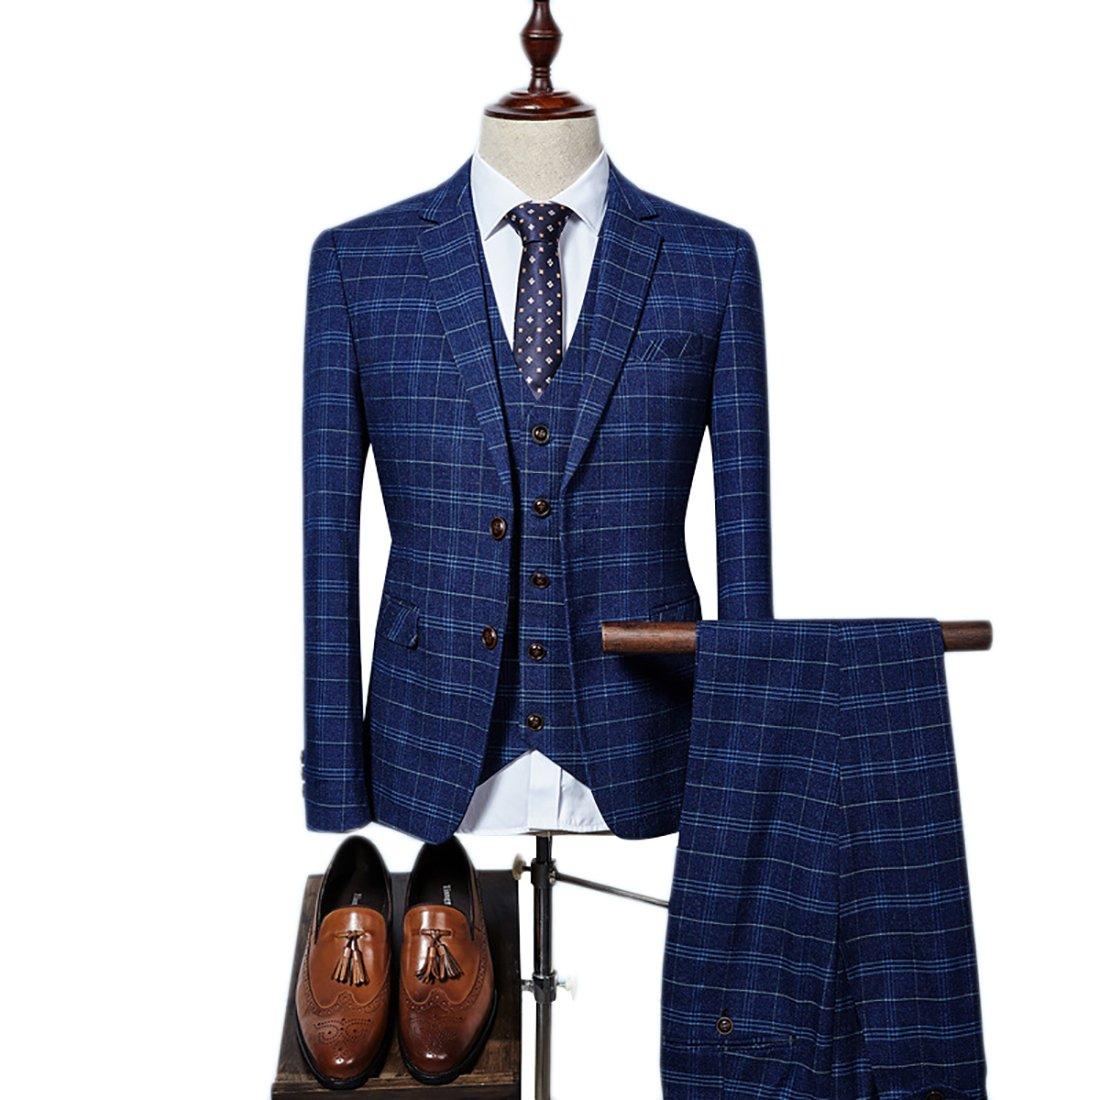 Mens Plaid 3 Pieces Suit Slim Fit Notch Lapel One Button Party Tux Jacket Vest Trousers Set (Purplish Blue,M)